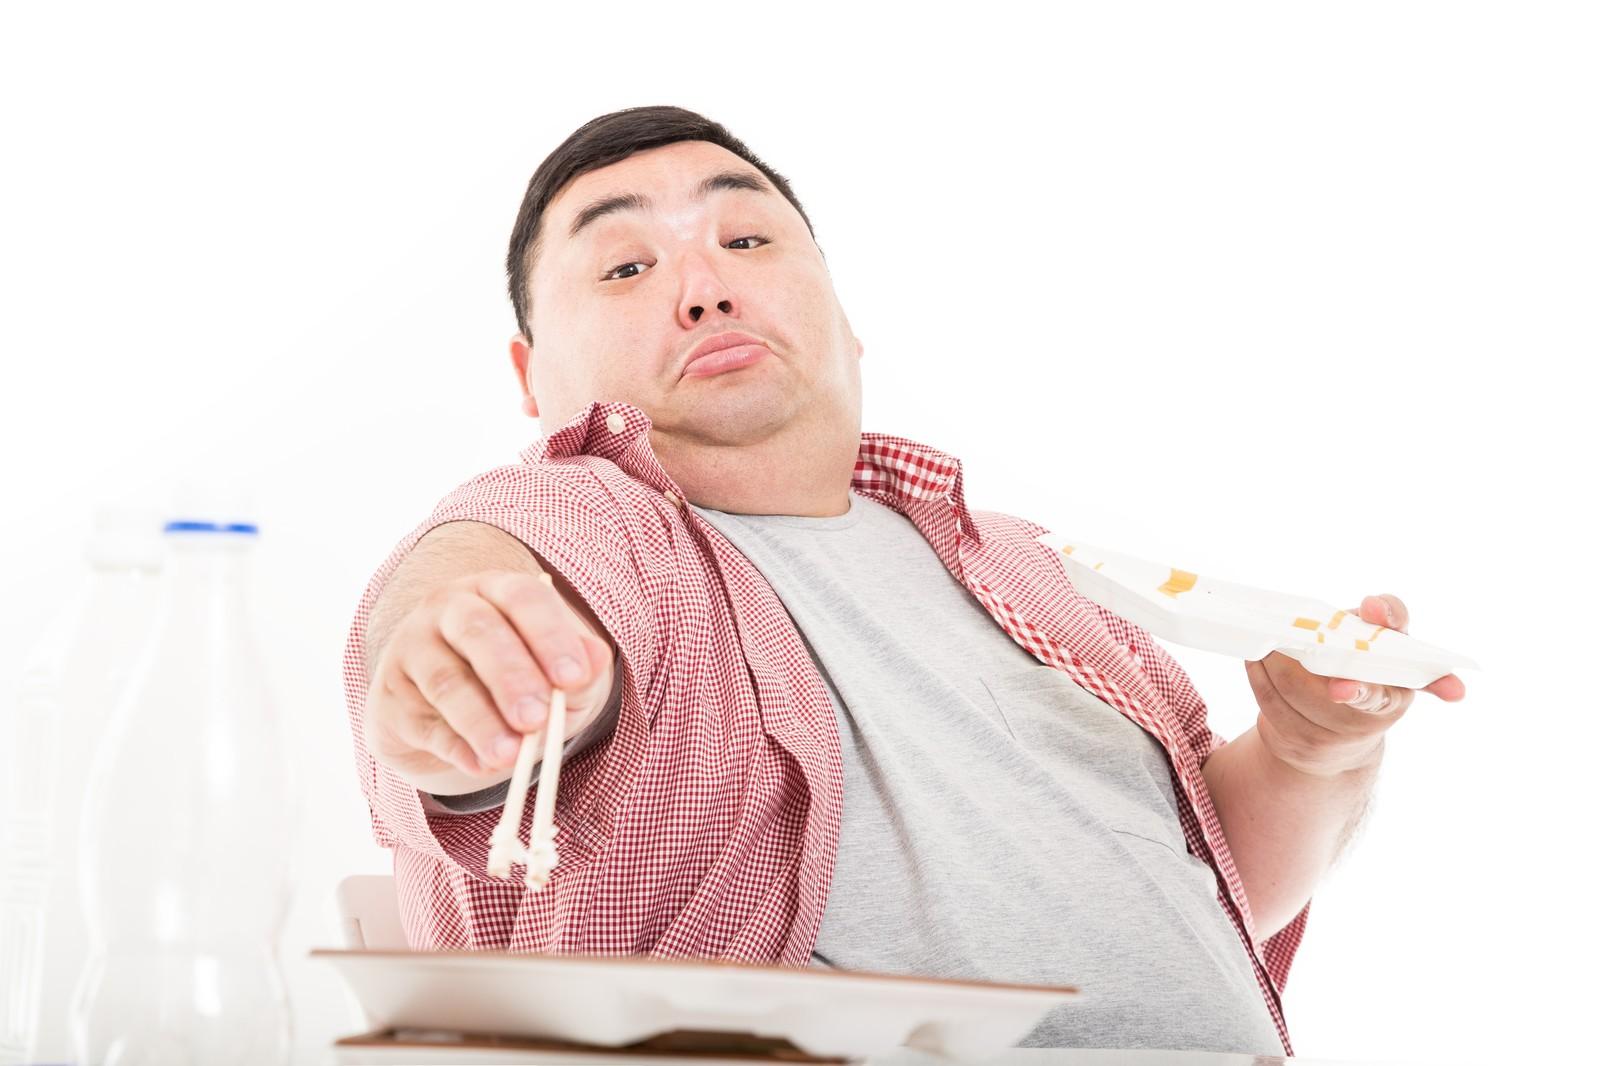 1日1食の実践による食欲の変化とは